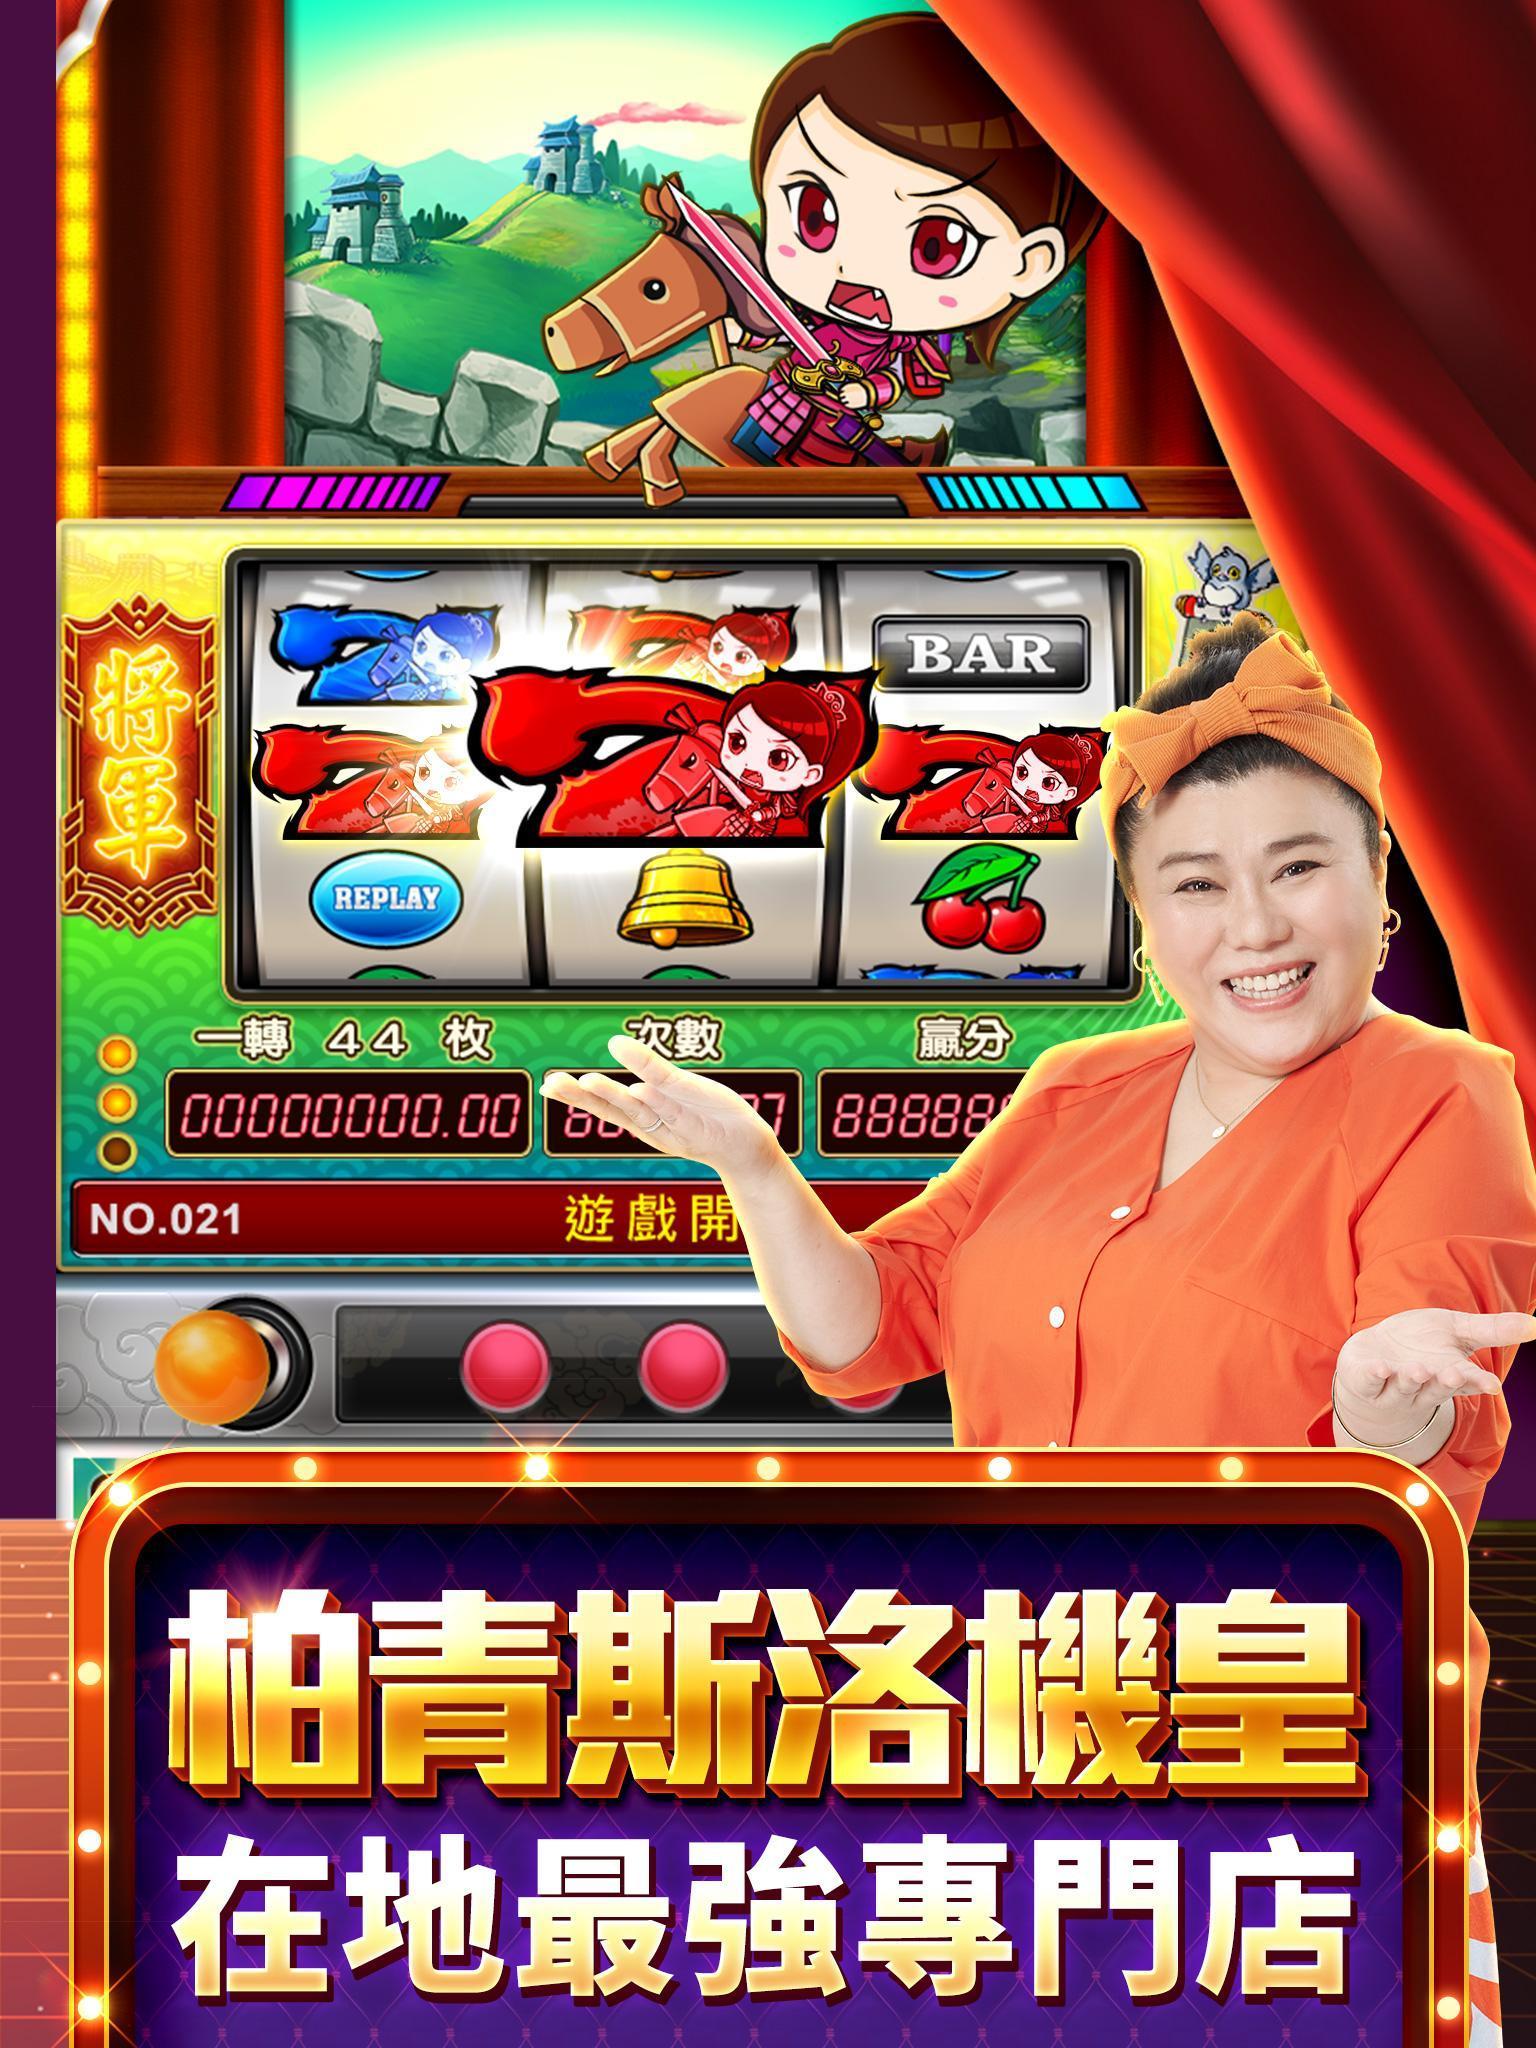 老子有錢 麻將、捕魚、老虎機、百家樂、柏青斯洛 2.57.1320 Screenshot 10